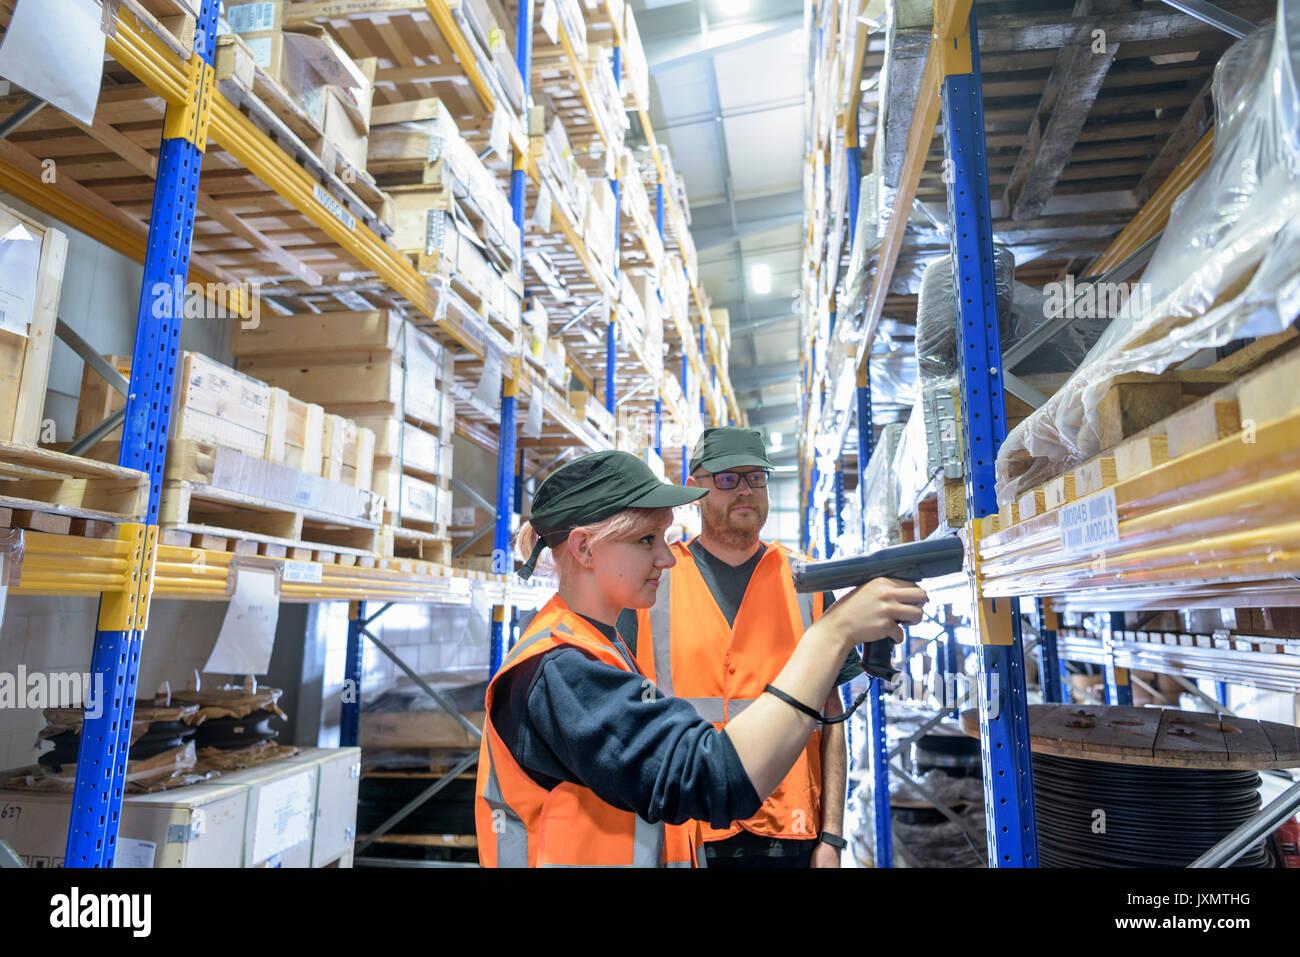 Les travailleurs de stockage des pièces dans la numérisation des œuvres de train warehouse Photo Stock